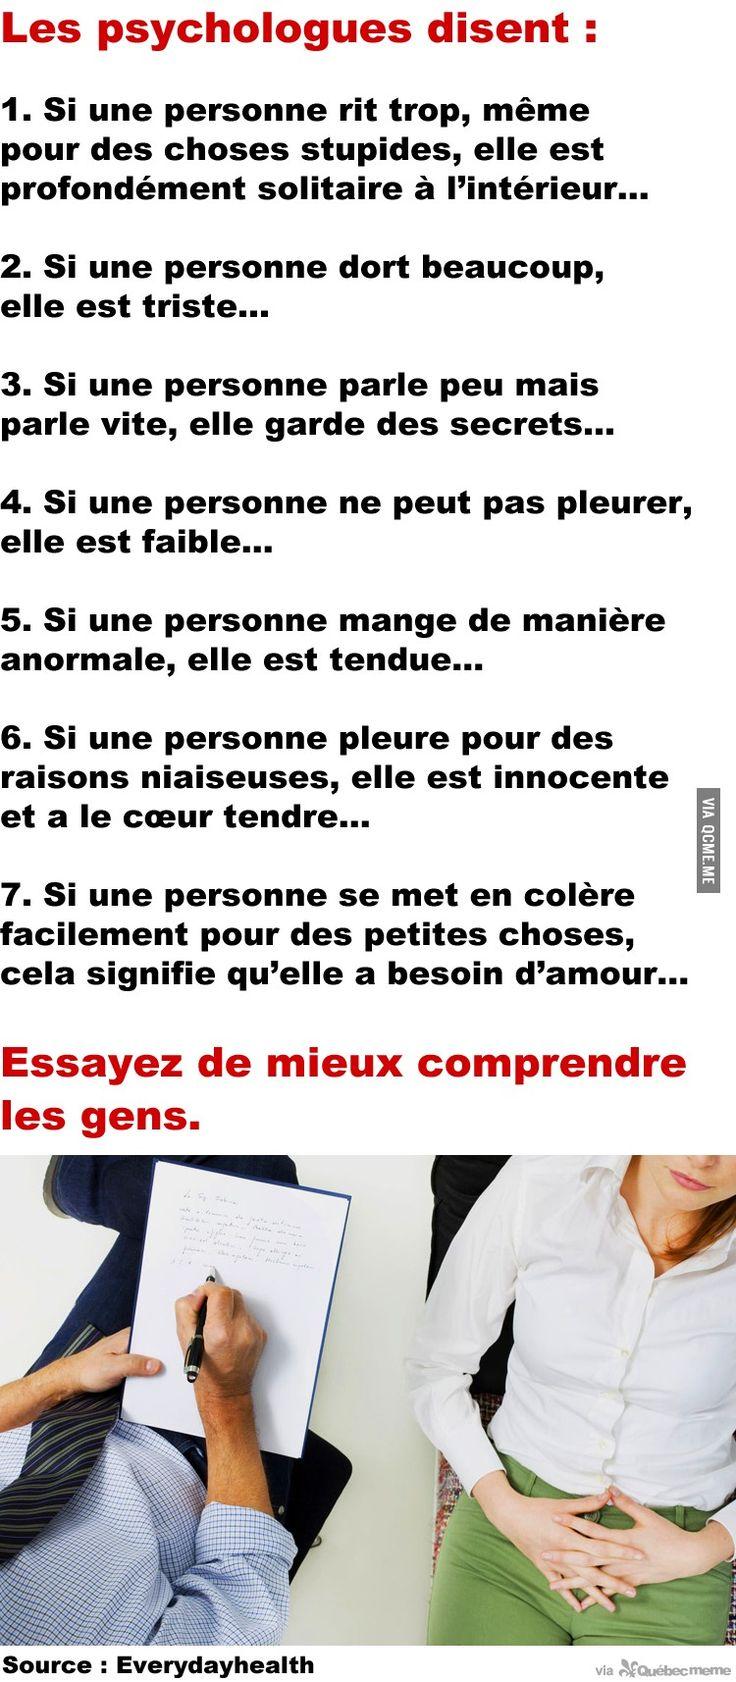 Apprenez à Comprendre les Gens. – Québec Meme +